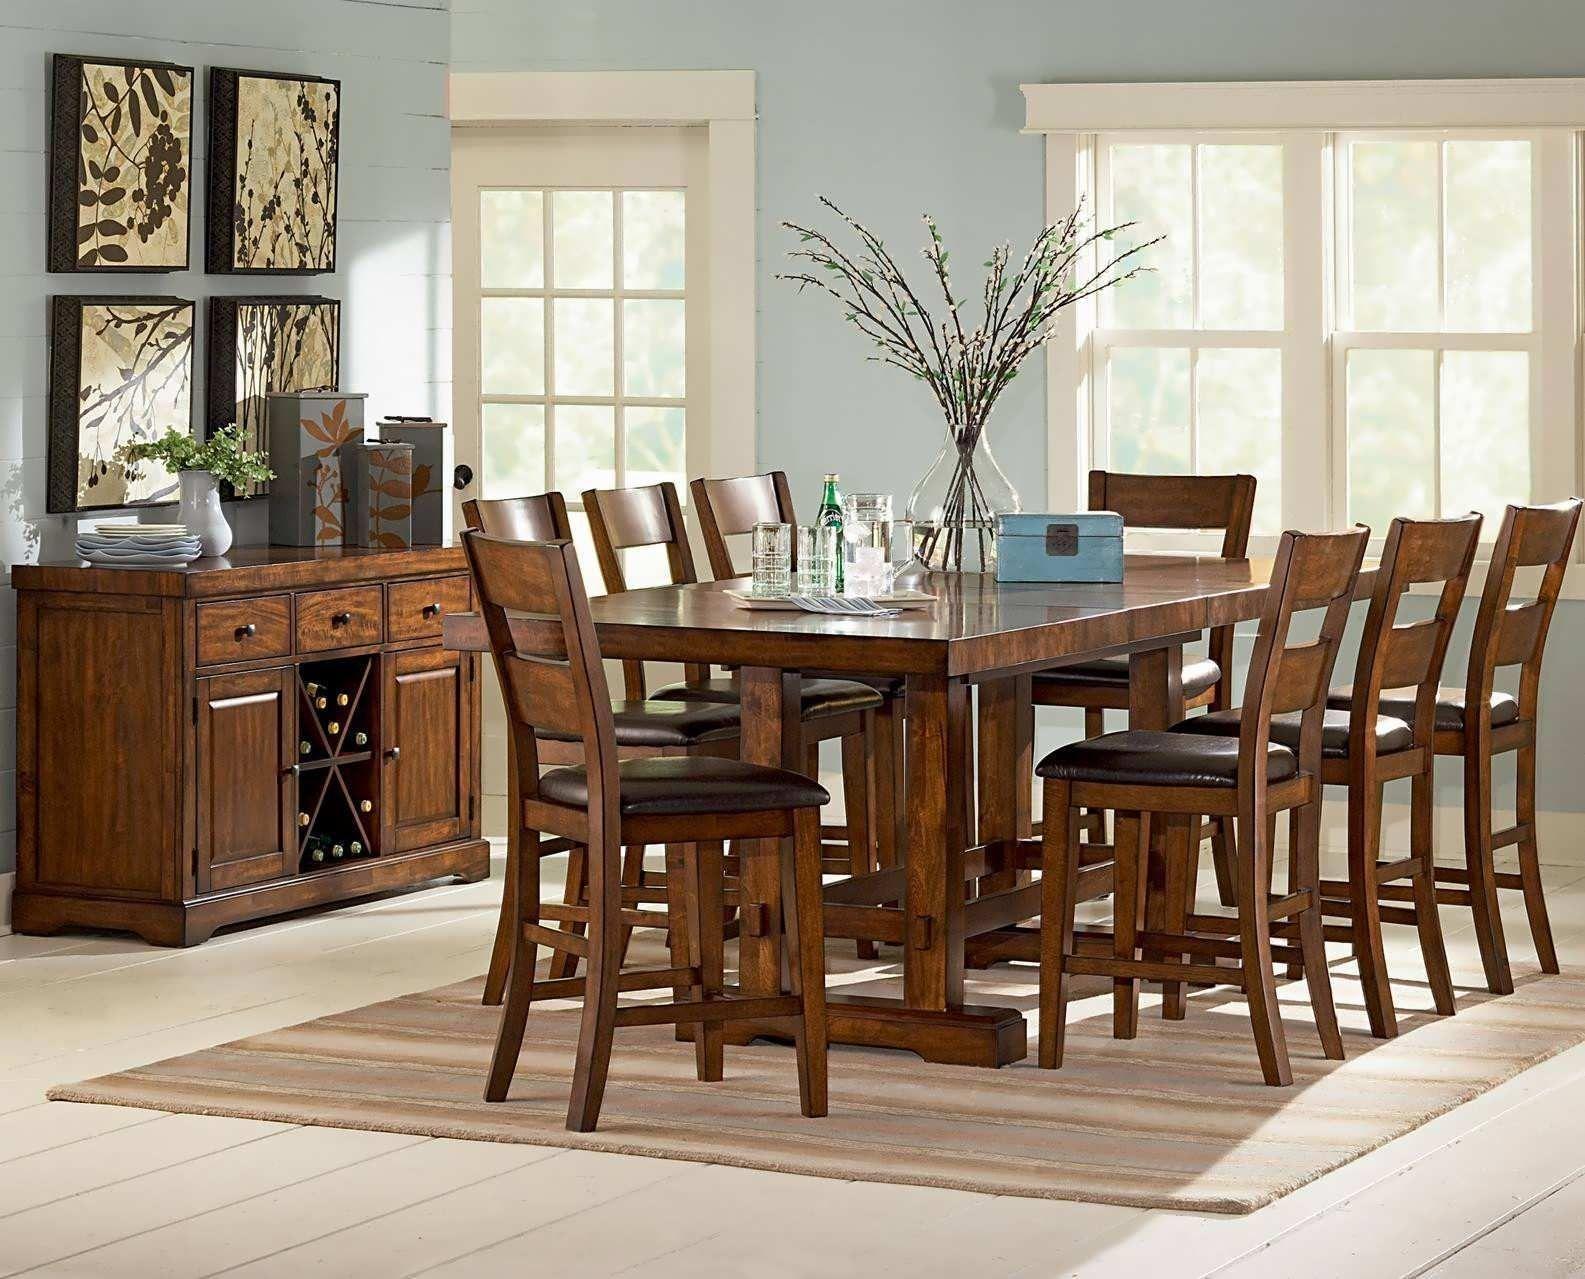 Dining Room Counter Height Sets Classy Garrett Counter Height Dining Set Consist Of 8 Piece Counter Inspiration